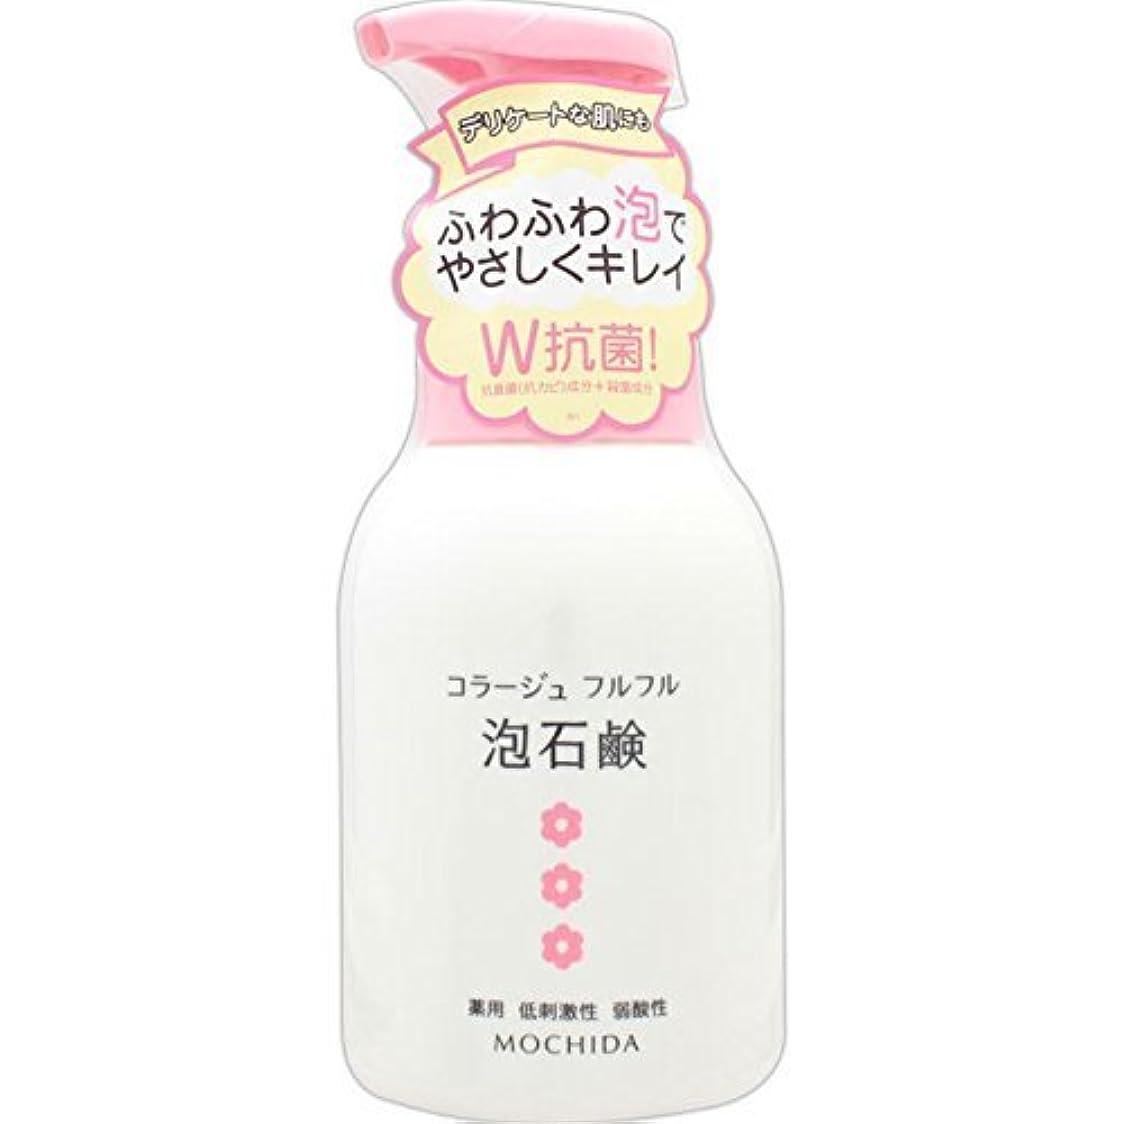 マイク調停する優雅コラージュフルフル 泡石鹸 ピンク 300m L (医薬部外品) ×5